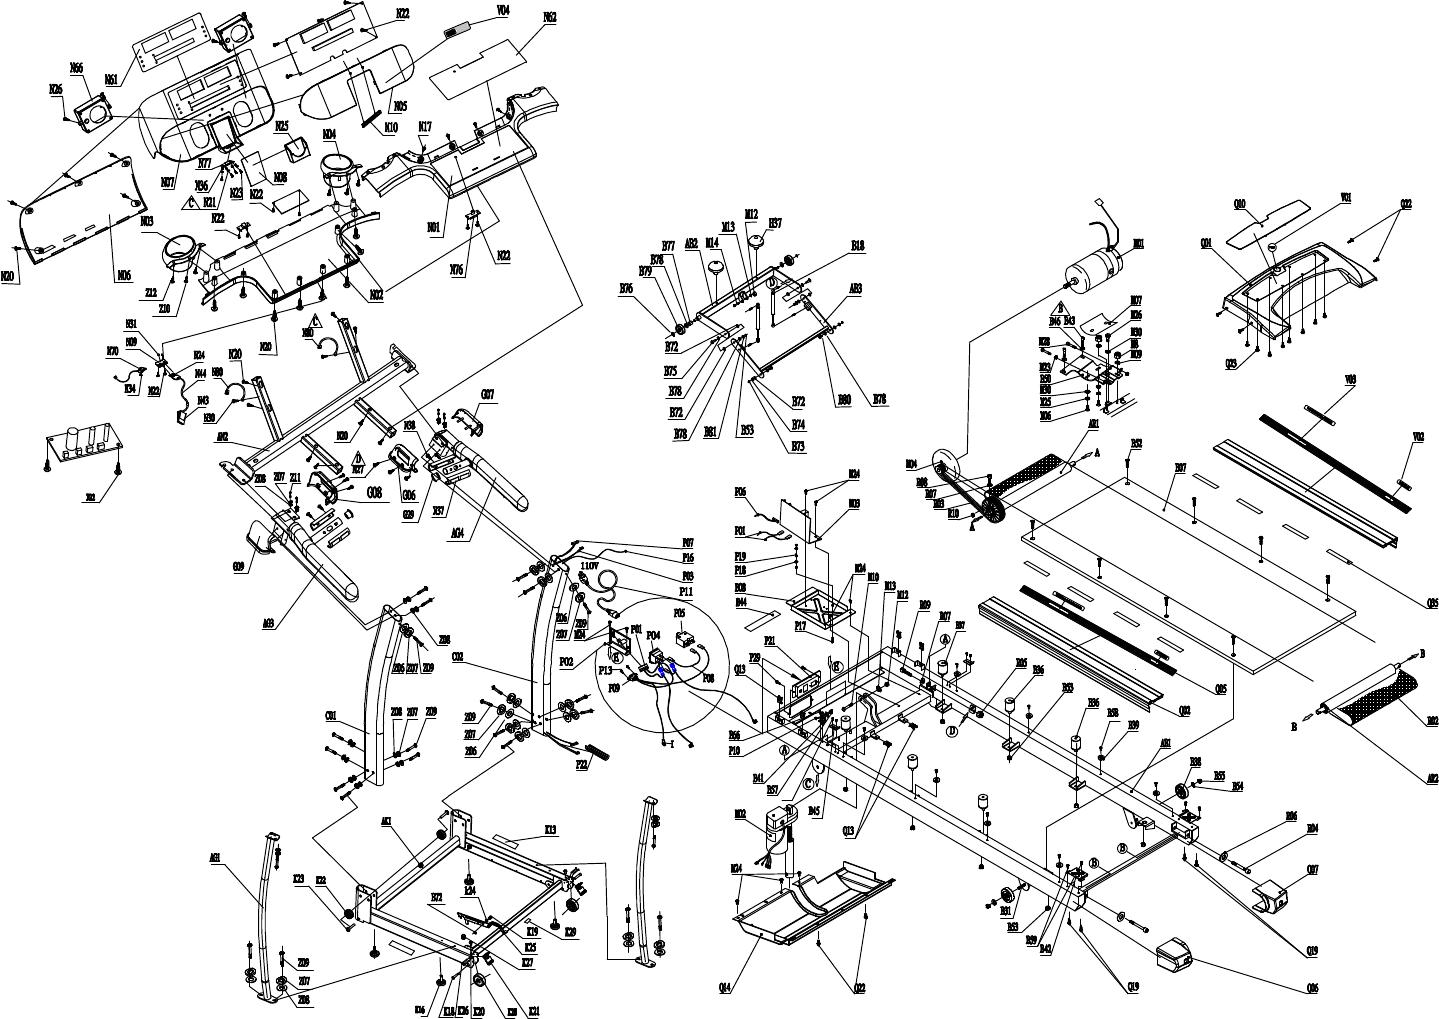 Jvc kd r540 wiring harness